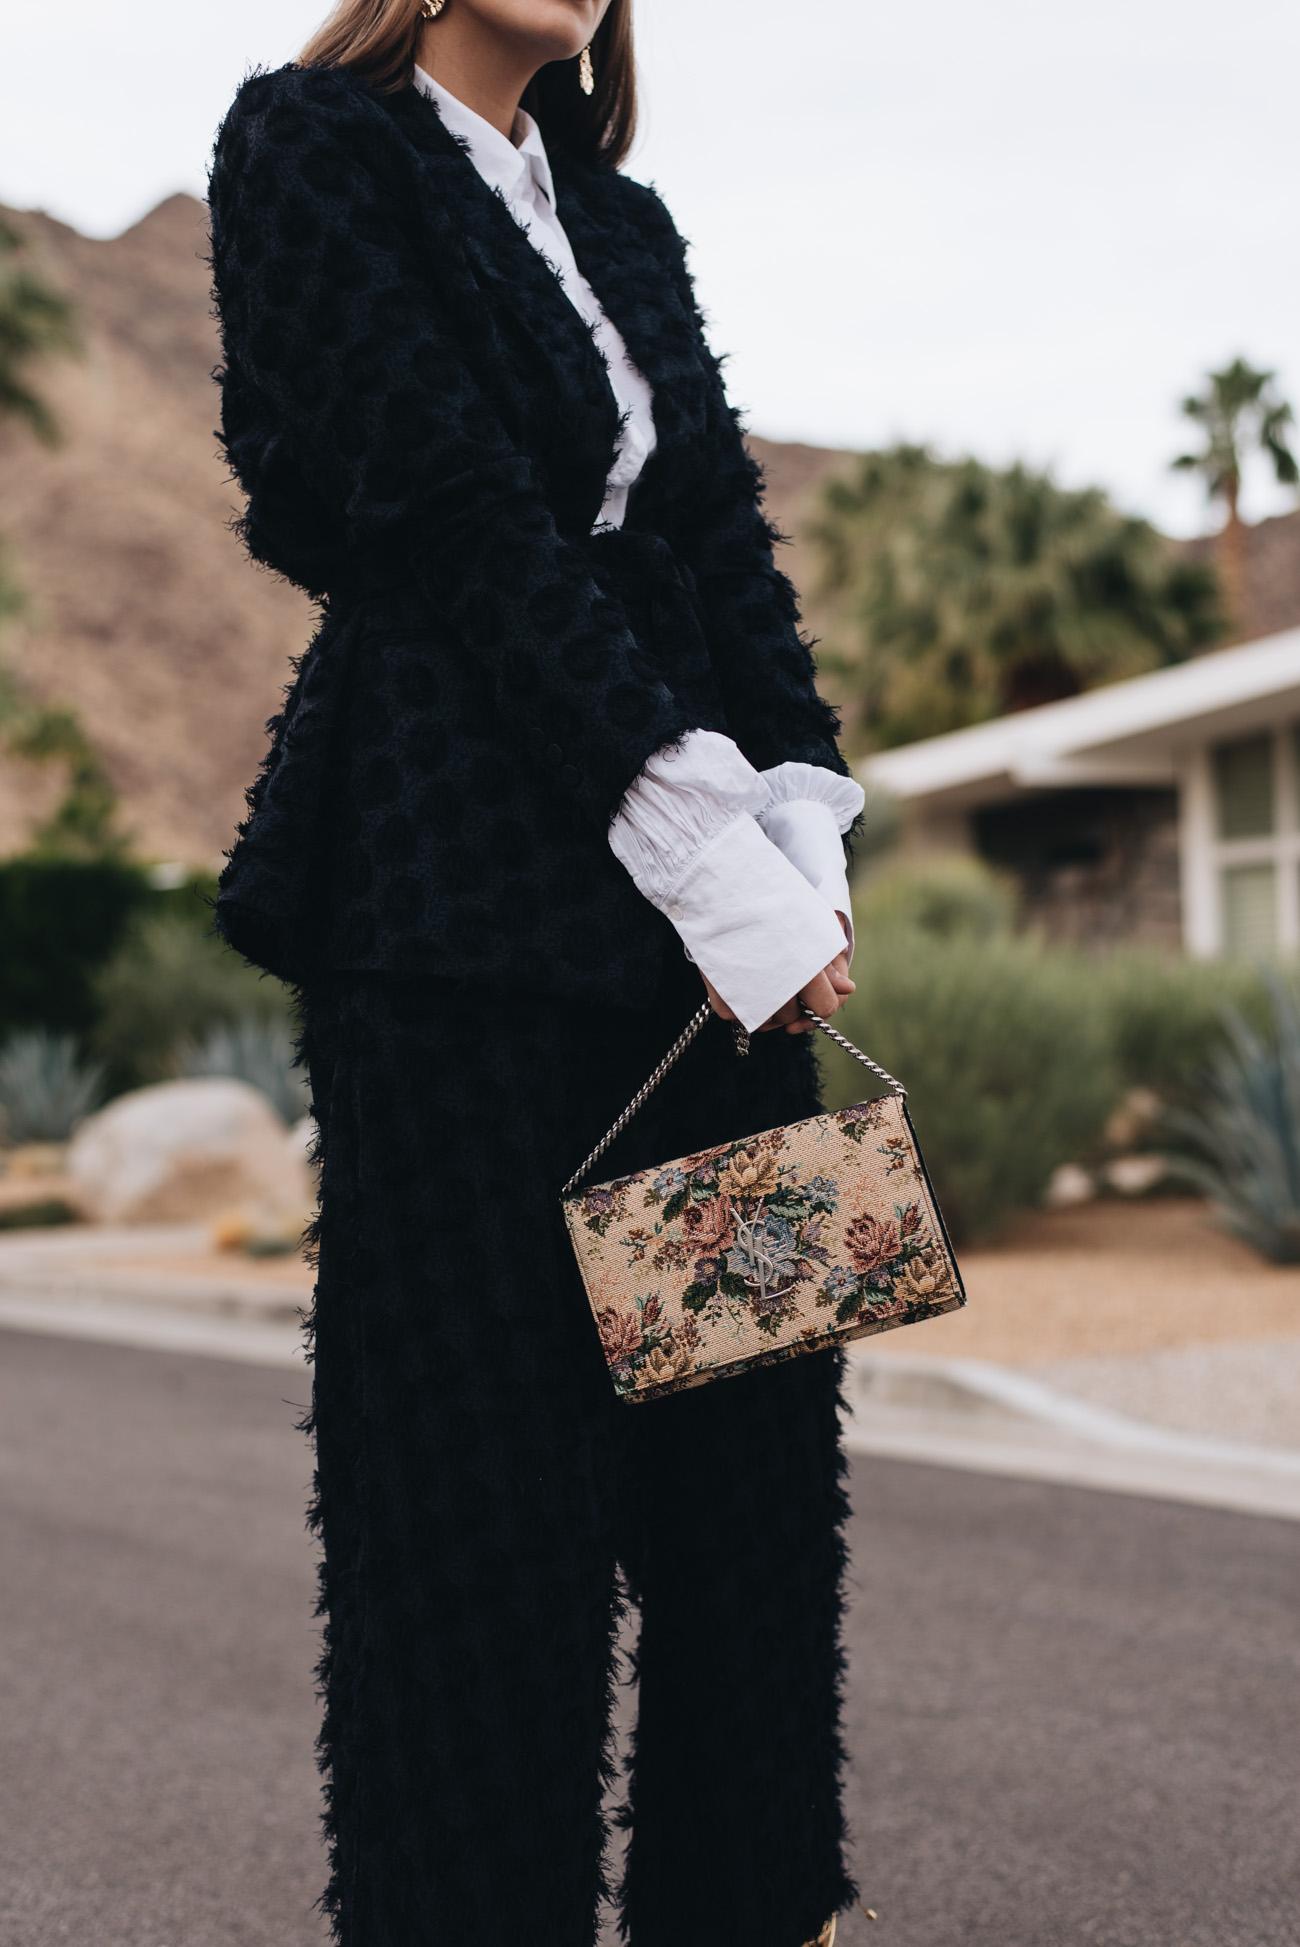 Styling-Tipps-Hosenazüge-zweiteiler-mode-bloggerin-nina-schwichtenberg-streetstyle-mode-trends-2018-fashiioncarpet